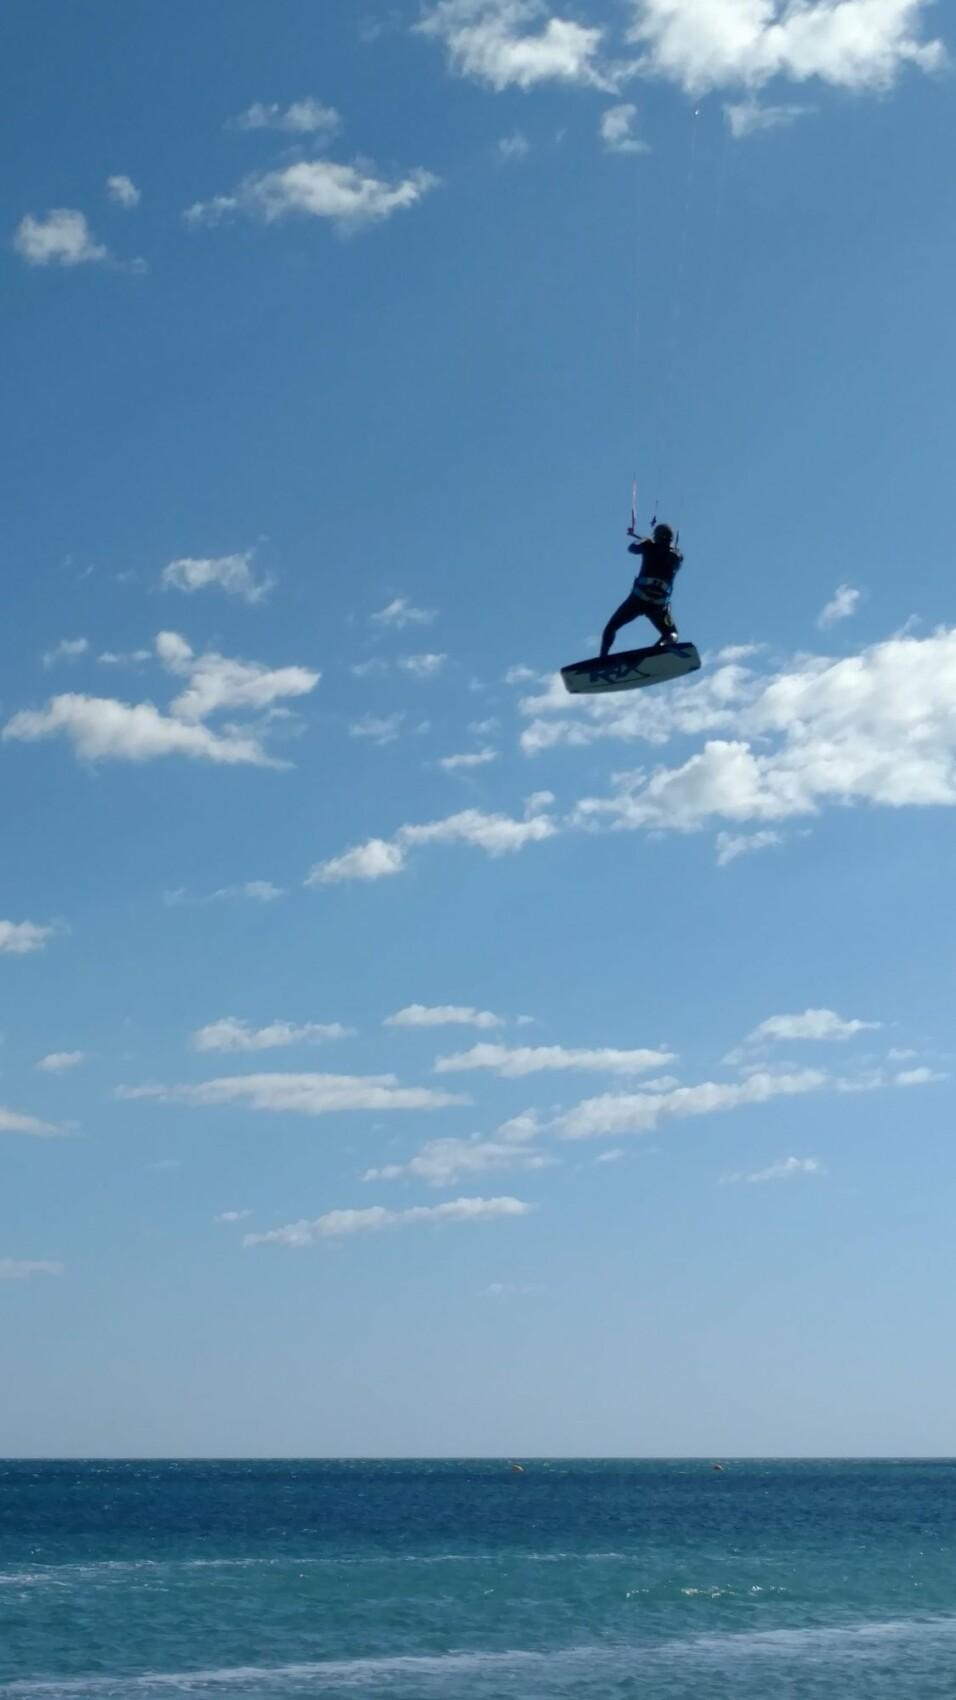 Avec une composition simple, le sujet est mis en valeur. Ici, en isolant le kitesurfer, on accentue le sentiment de liberté. Photo réalisée avec le GalaxyS10